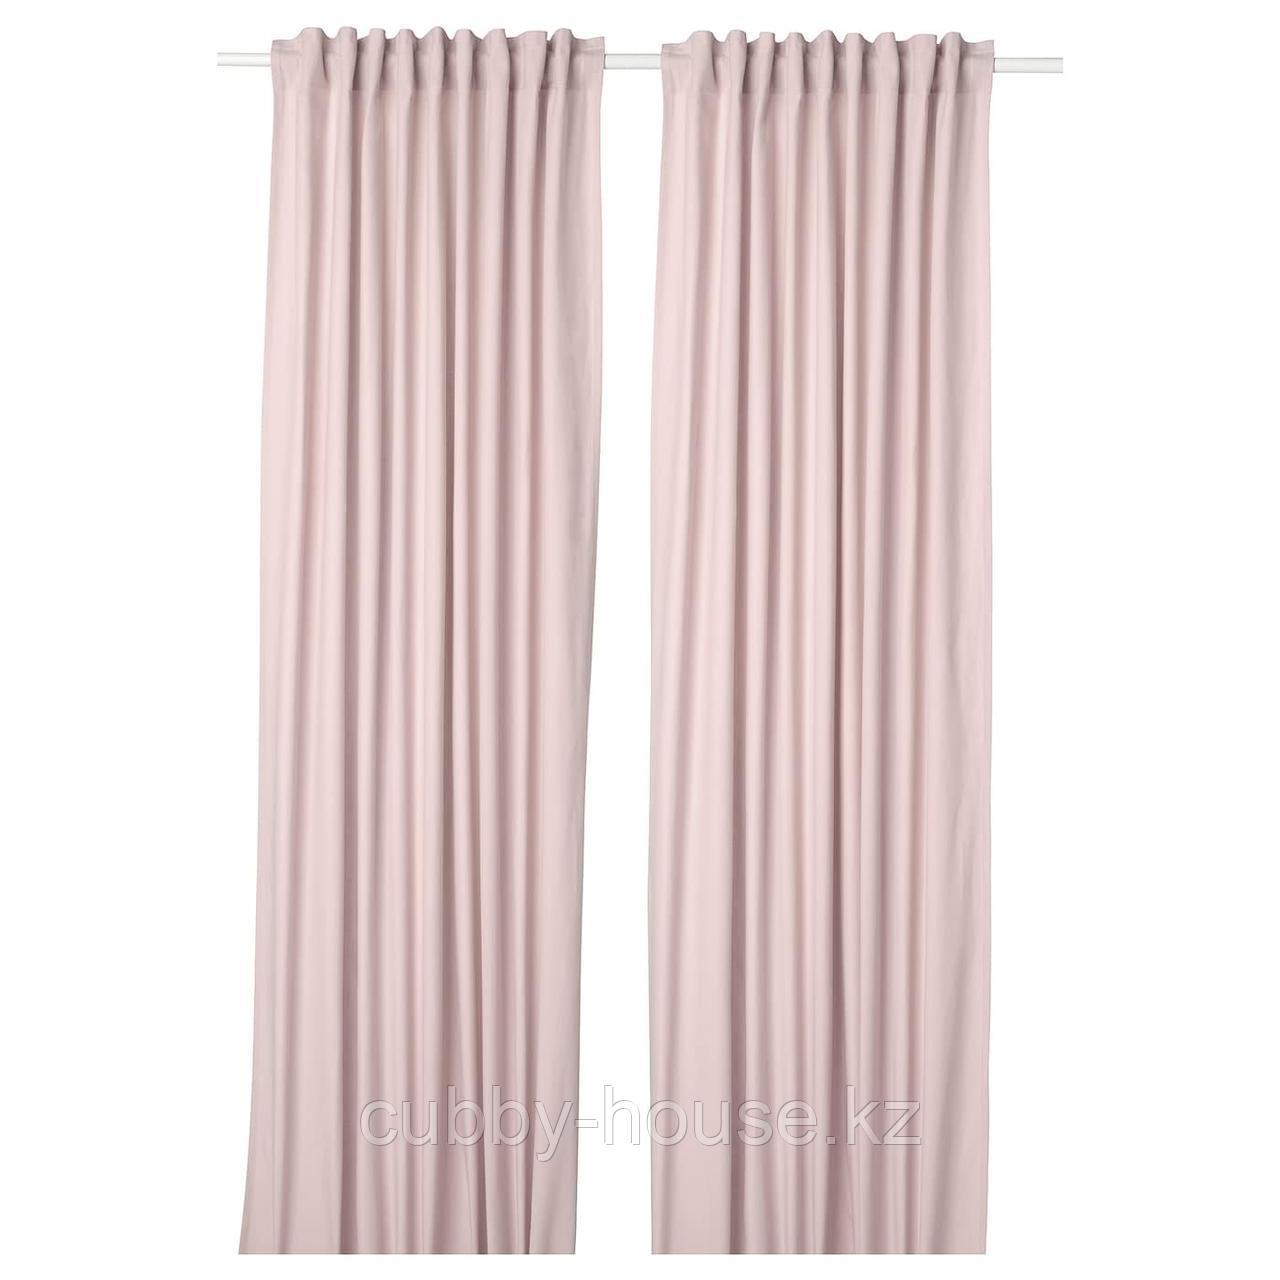 КАЛКФЛАЙ Гардины, 1 пара, светло-розовый, 145x300 см